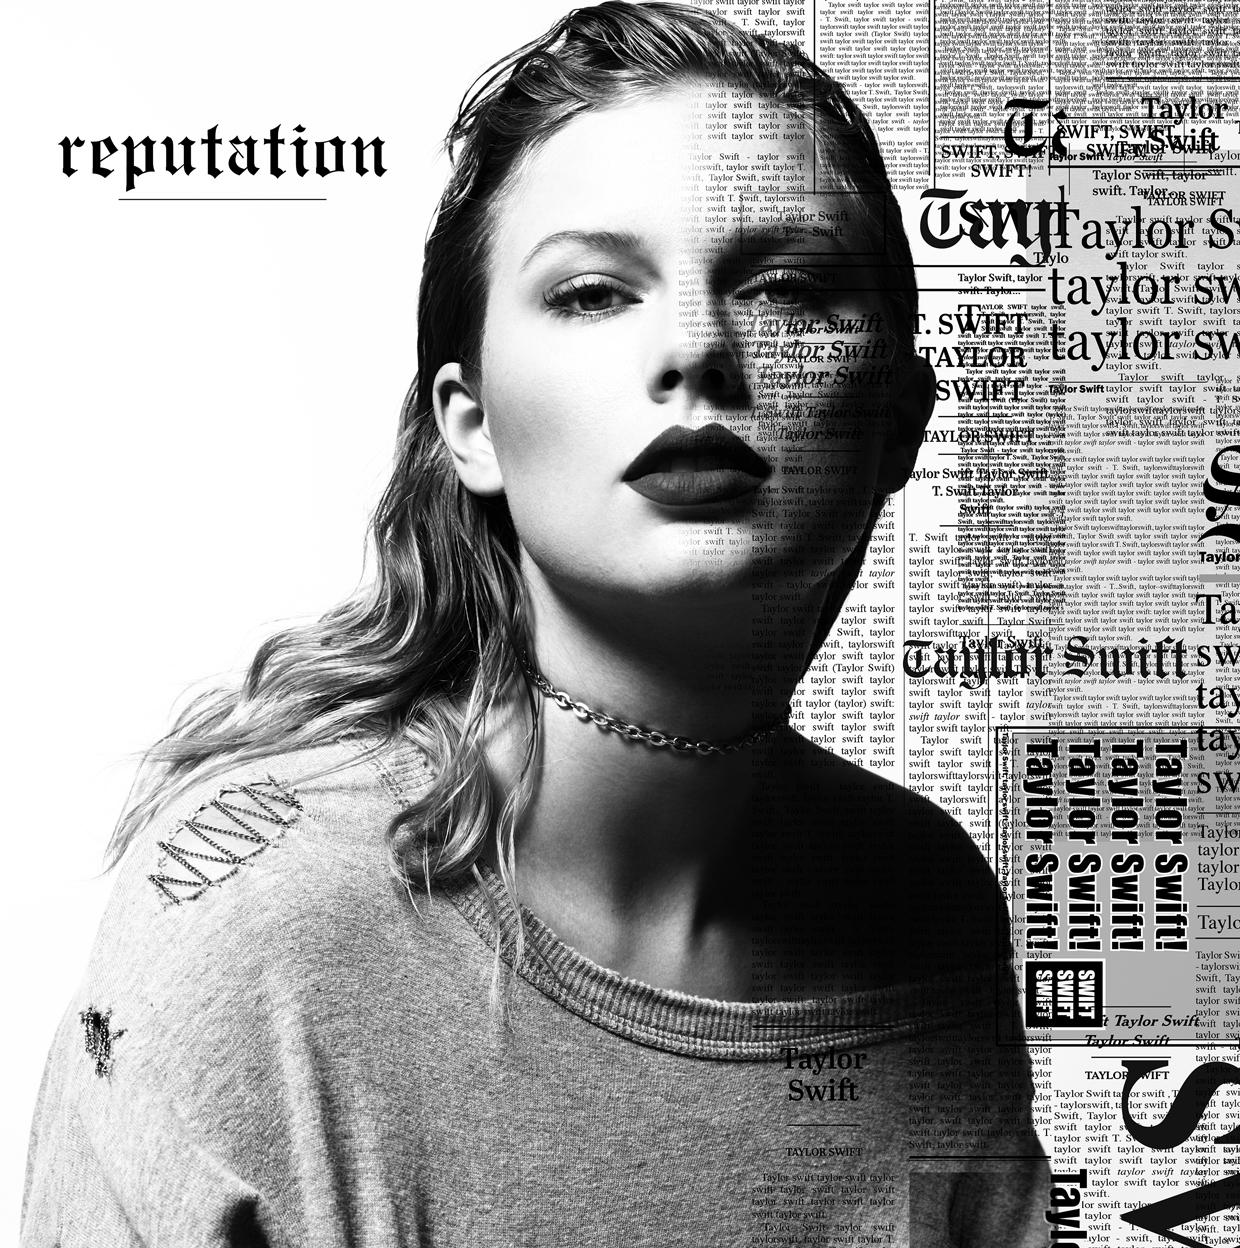 Taylor-Swift-reputation-ART-2017-billboard-1240.jpg